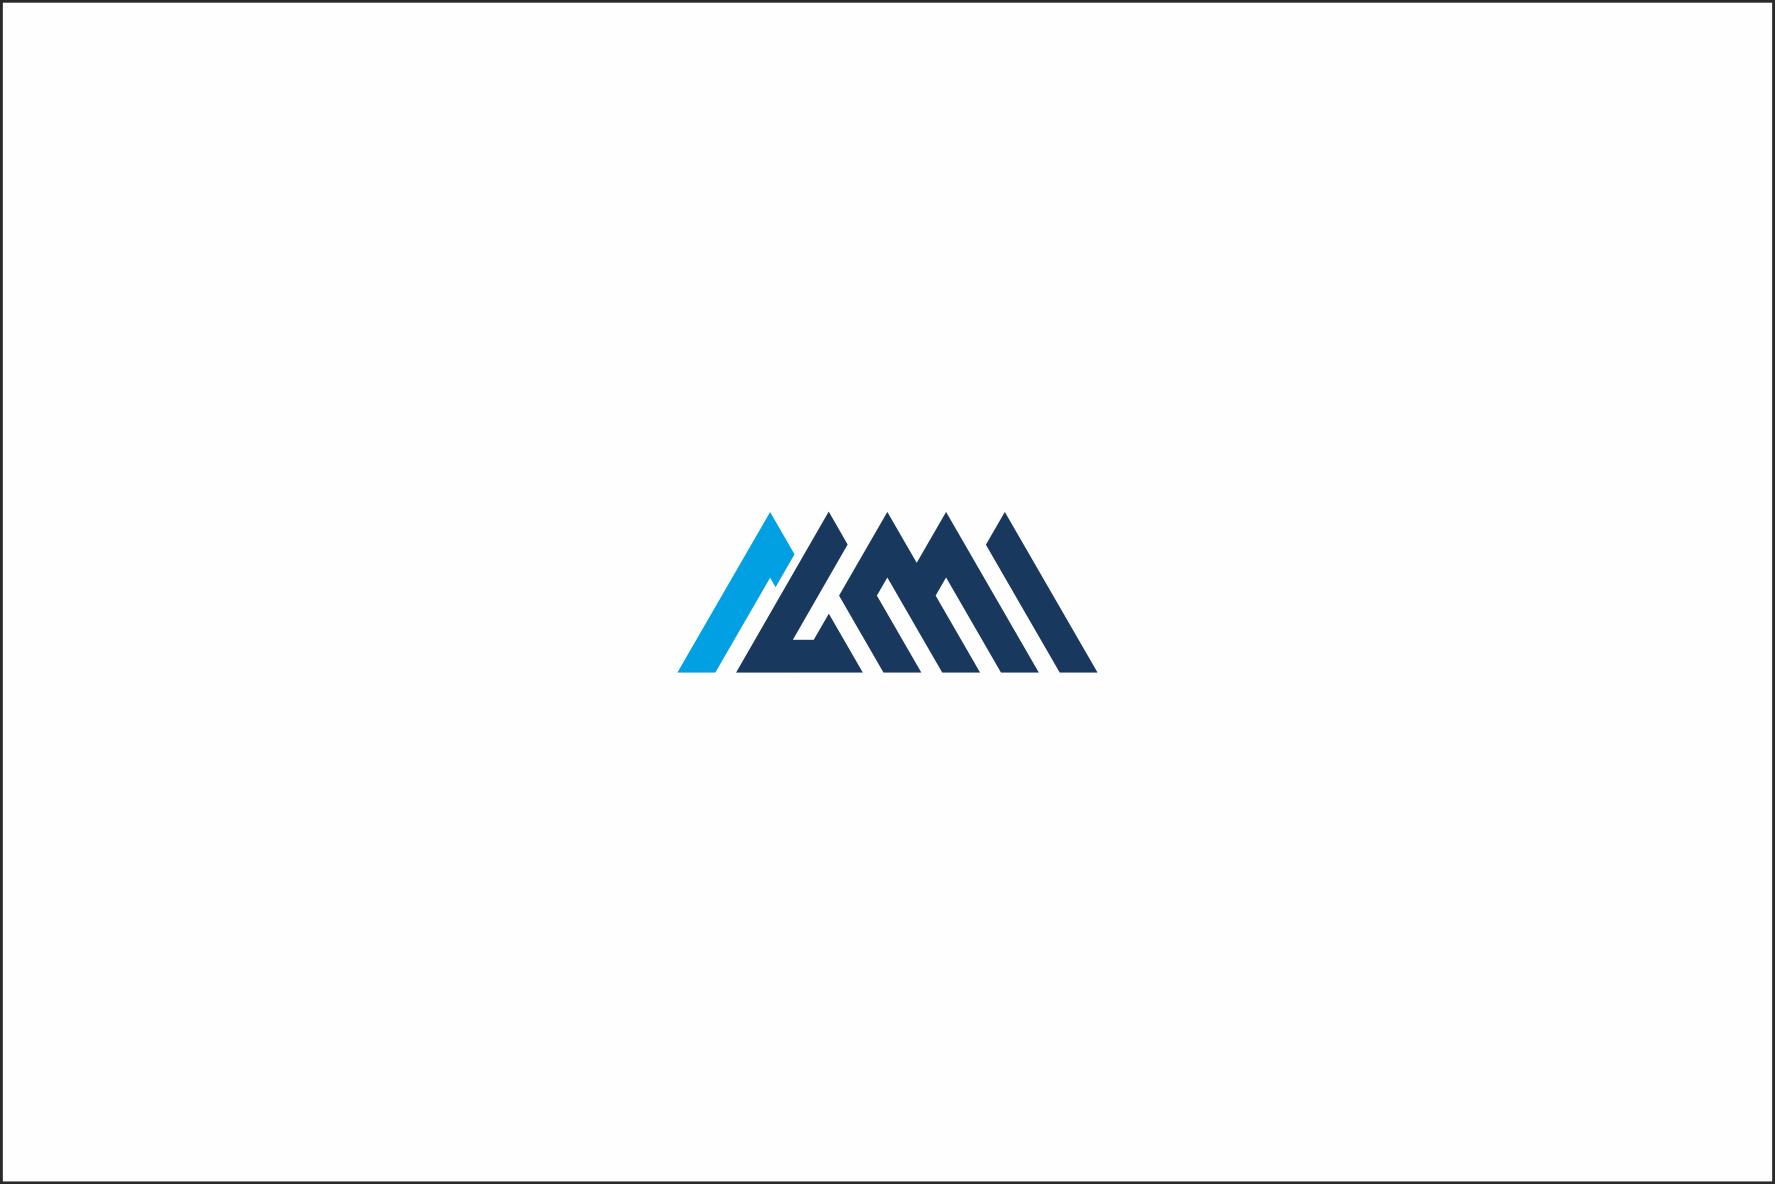 Разработка логотипа и фона фото f_13559980cbe33efd.png